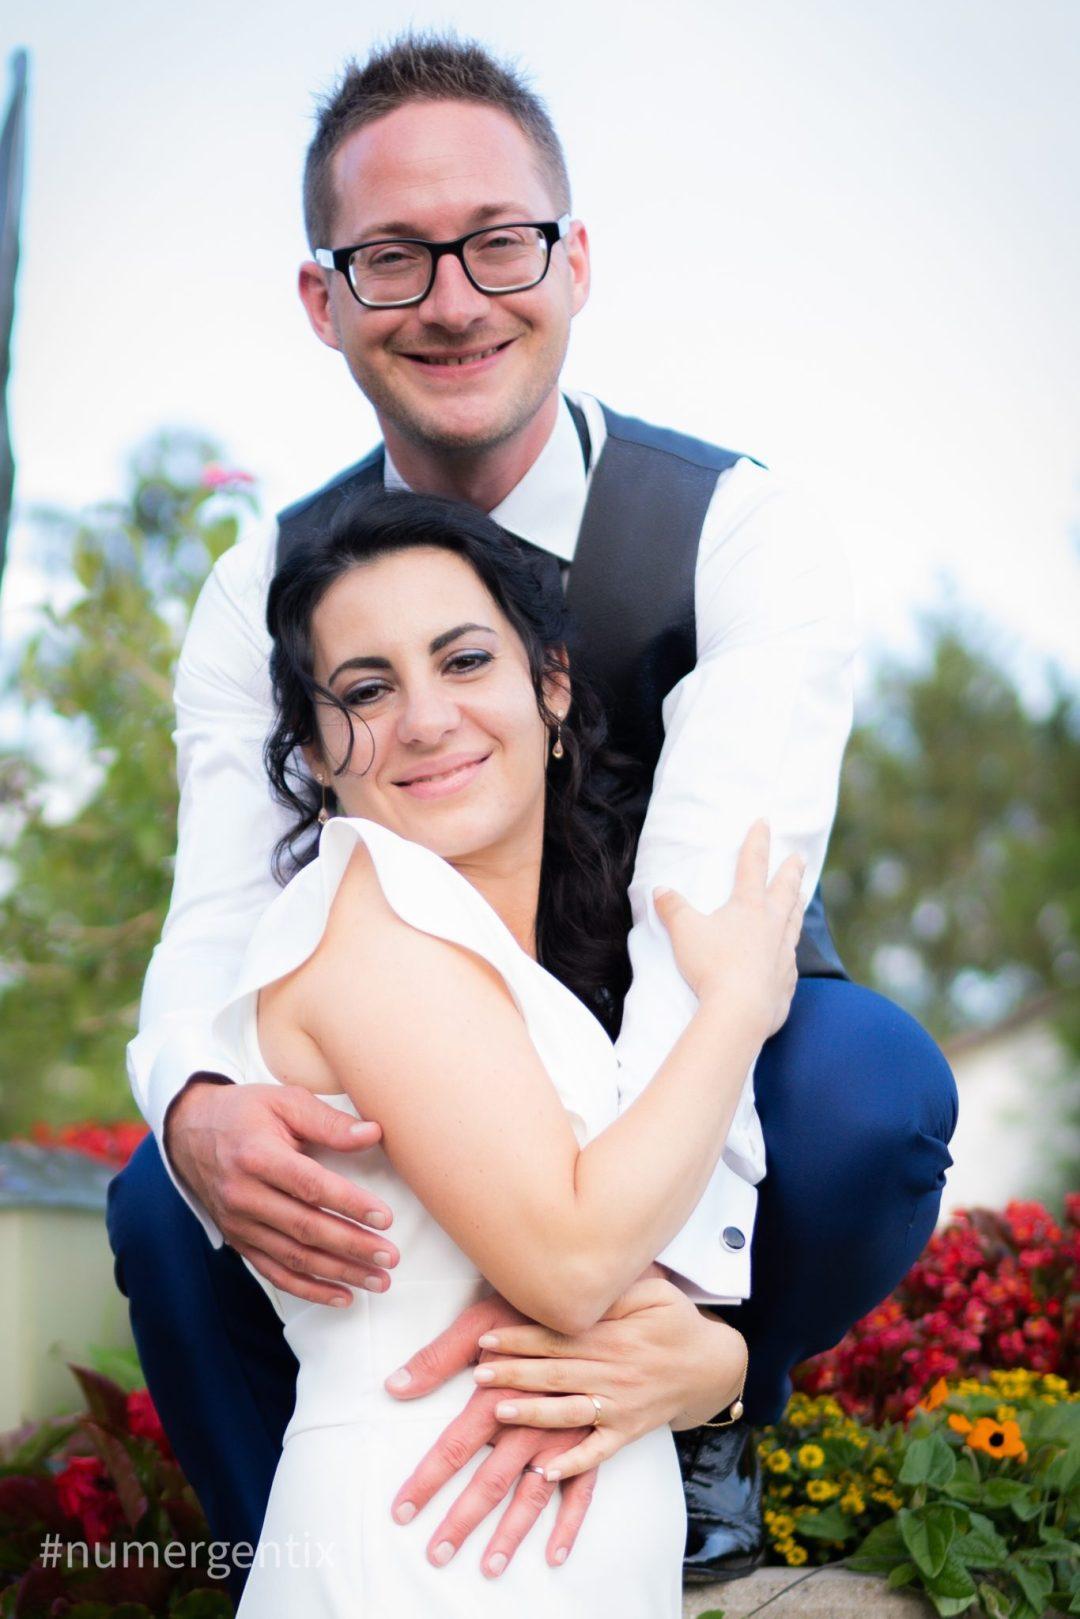 PHOTO / FILM DE MARIAGE 3 - Nicolas Galiano-Favre photographe et pilote de drone à votre service